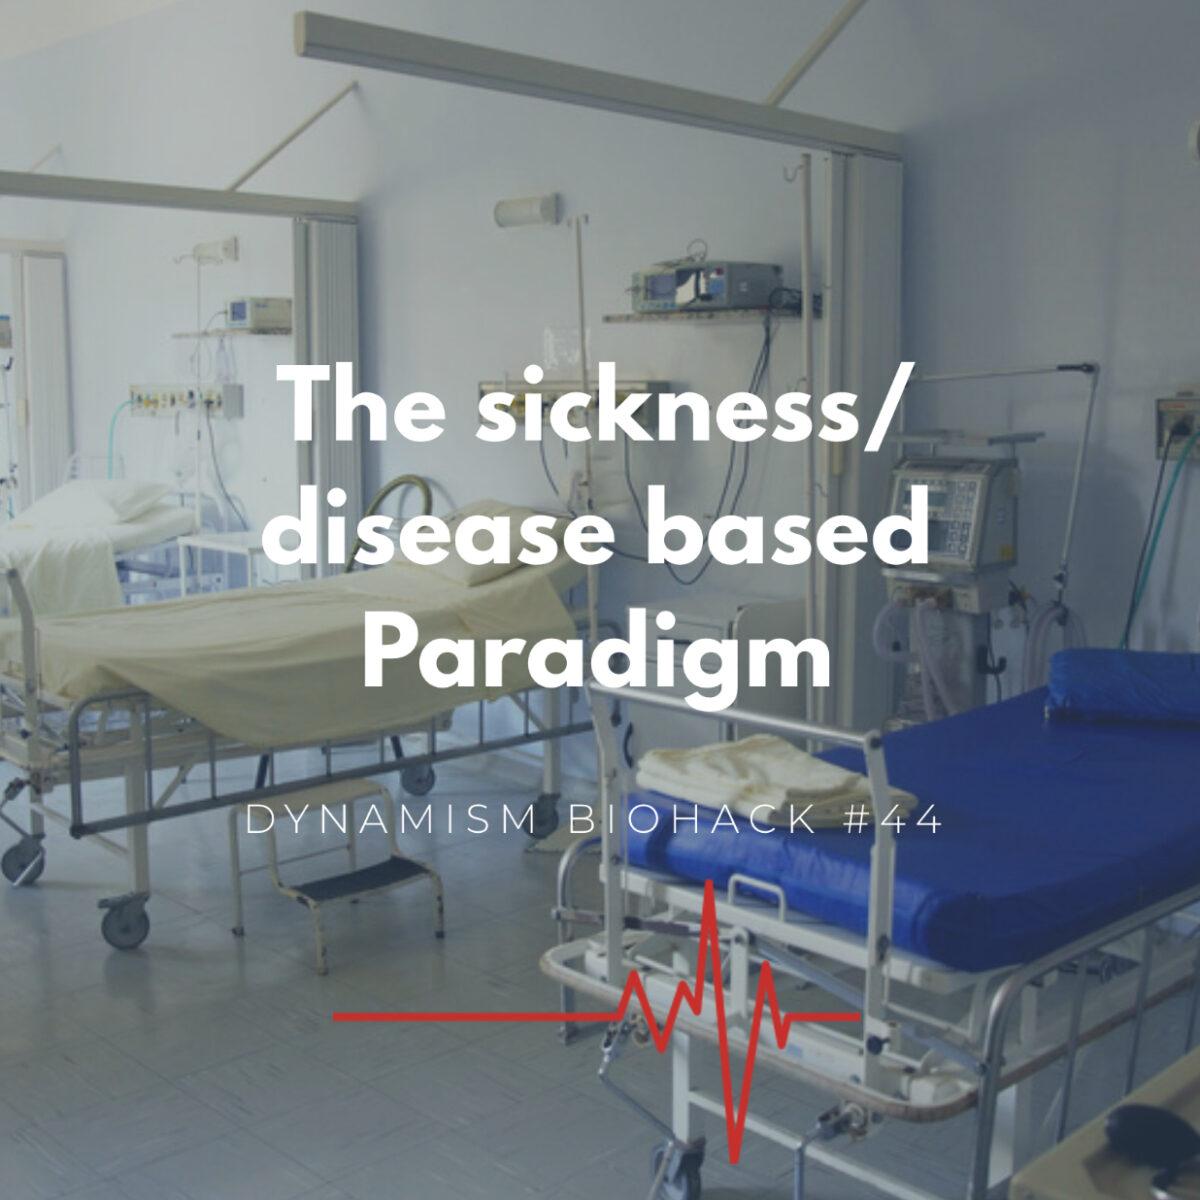 #44: The Sickness/Disease based paradigm